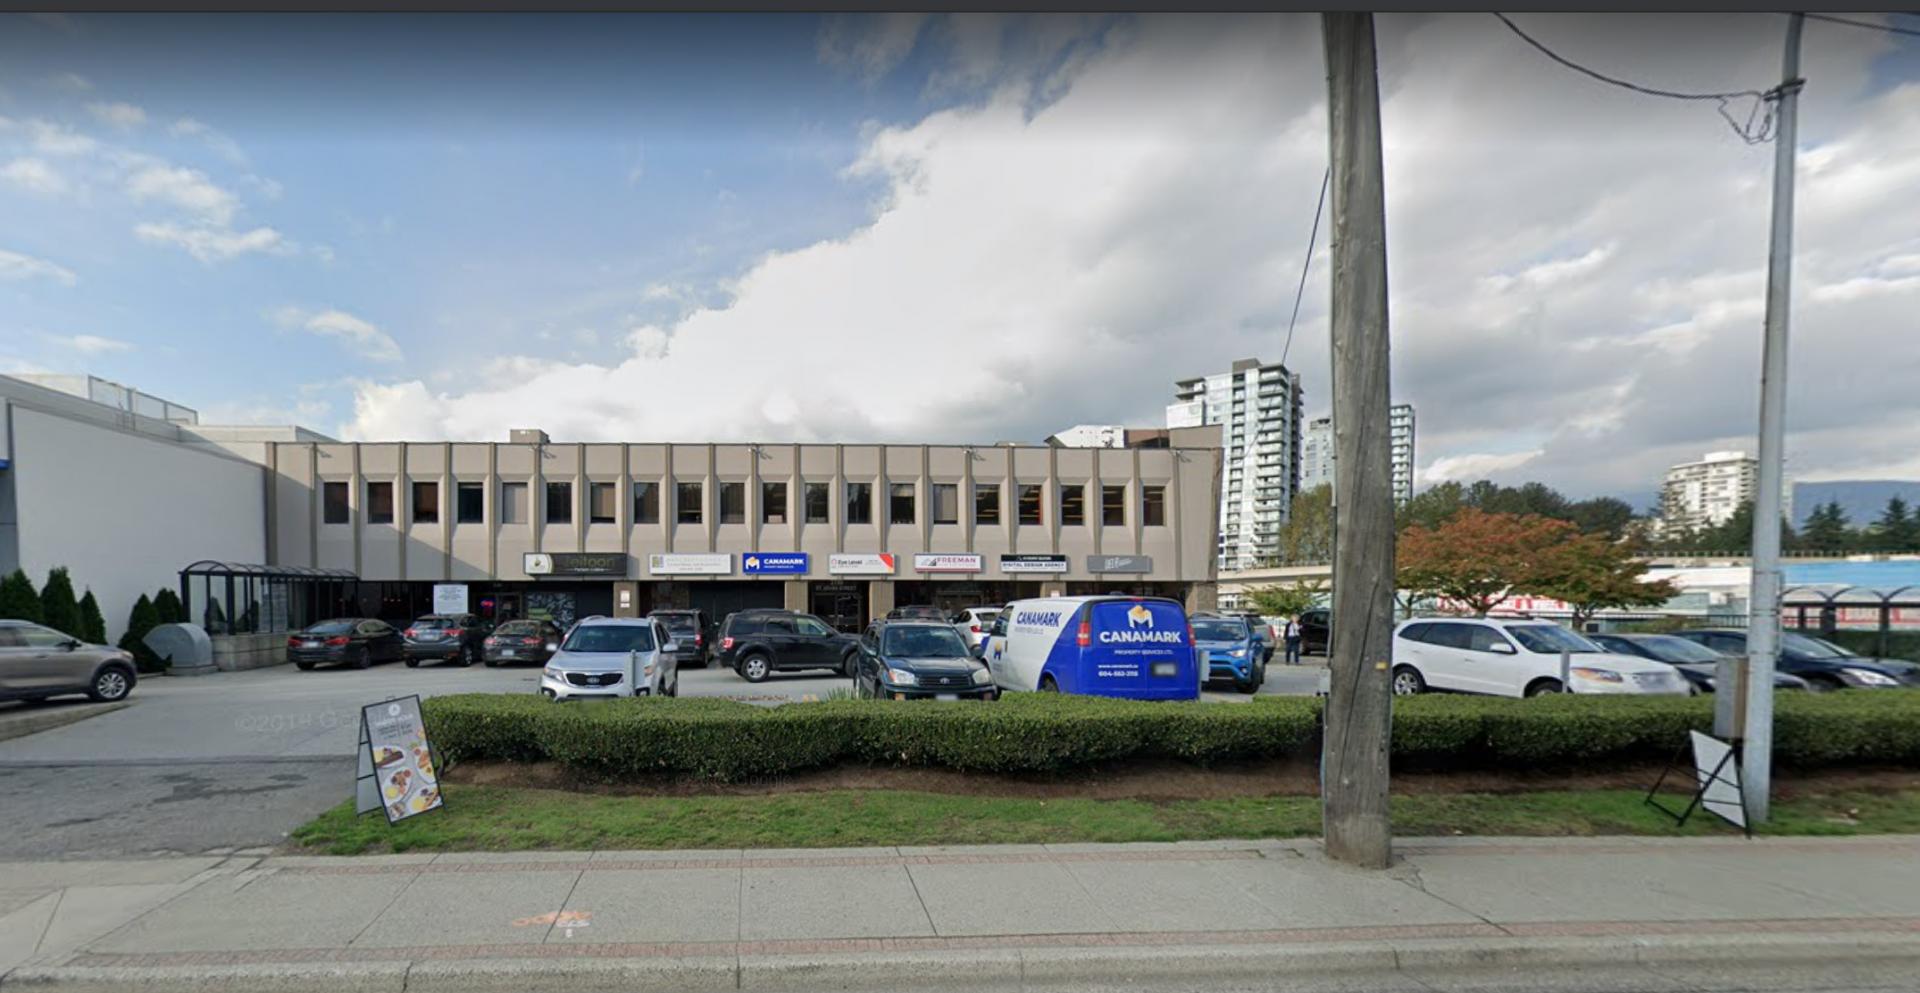 Coronavirus exposure warning issued for Metro Vancouver restaurant